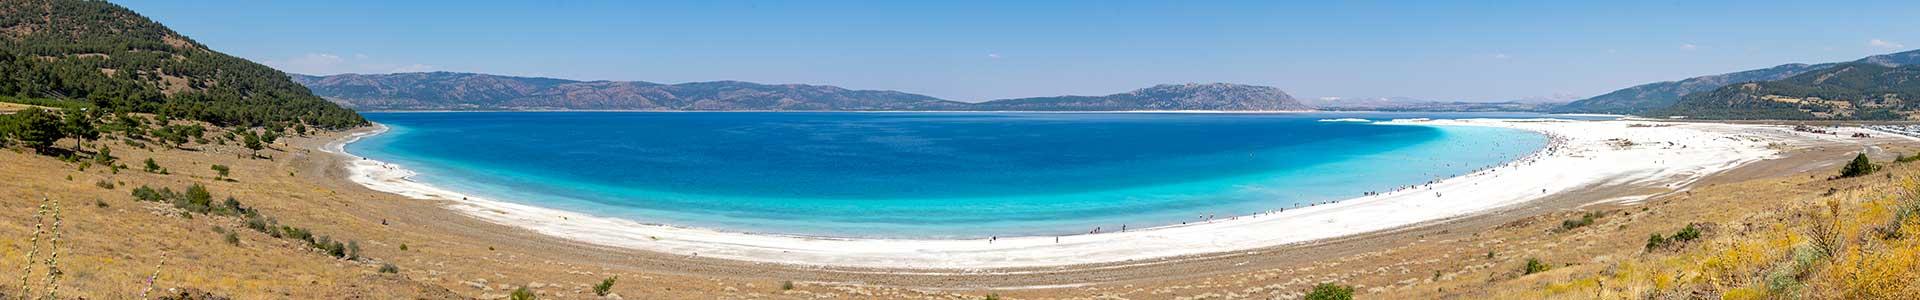 Voyage en Turquie - TUI